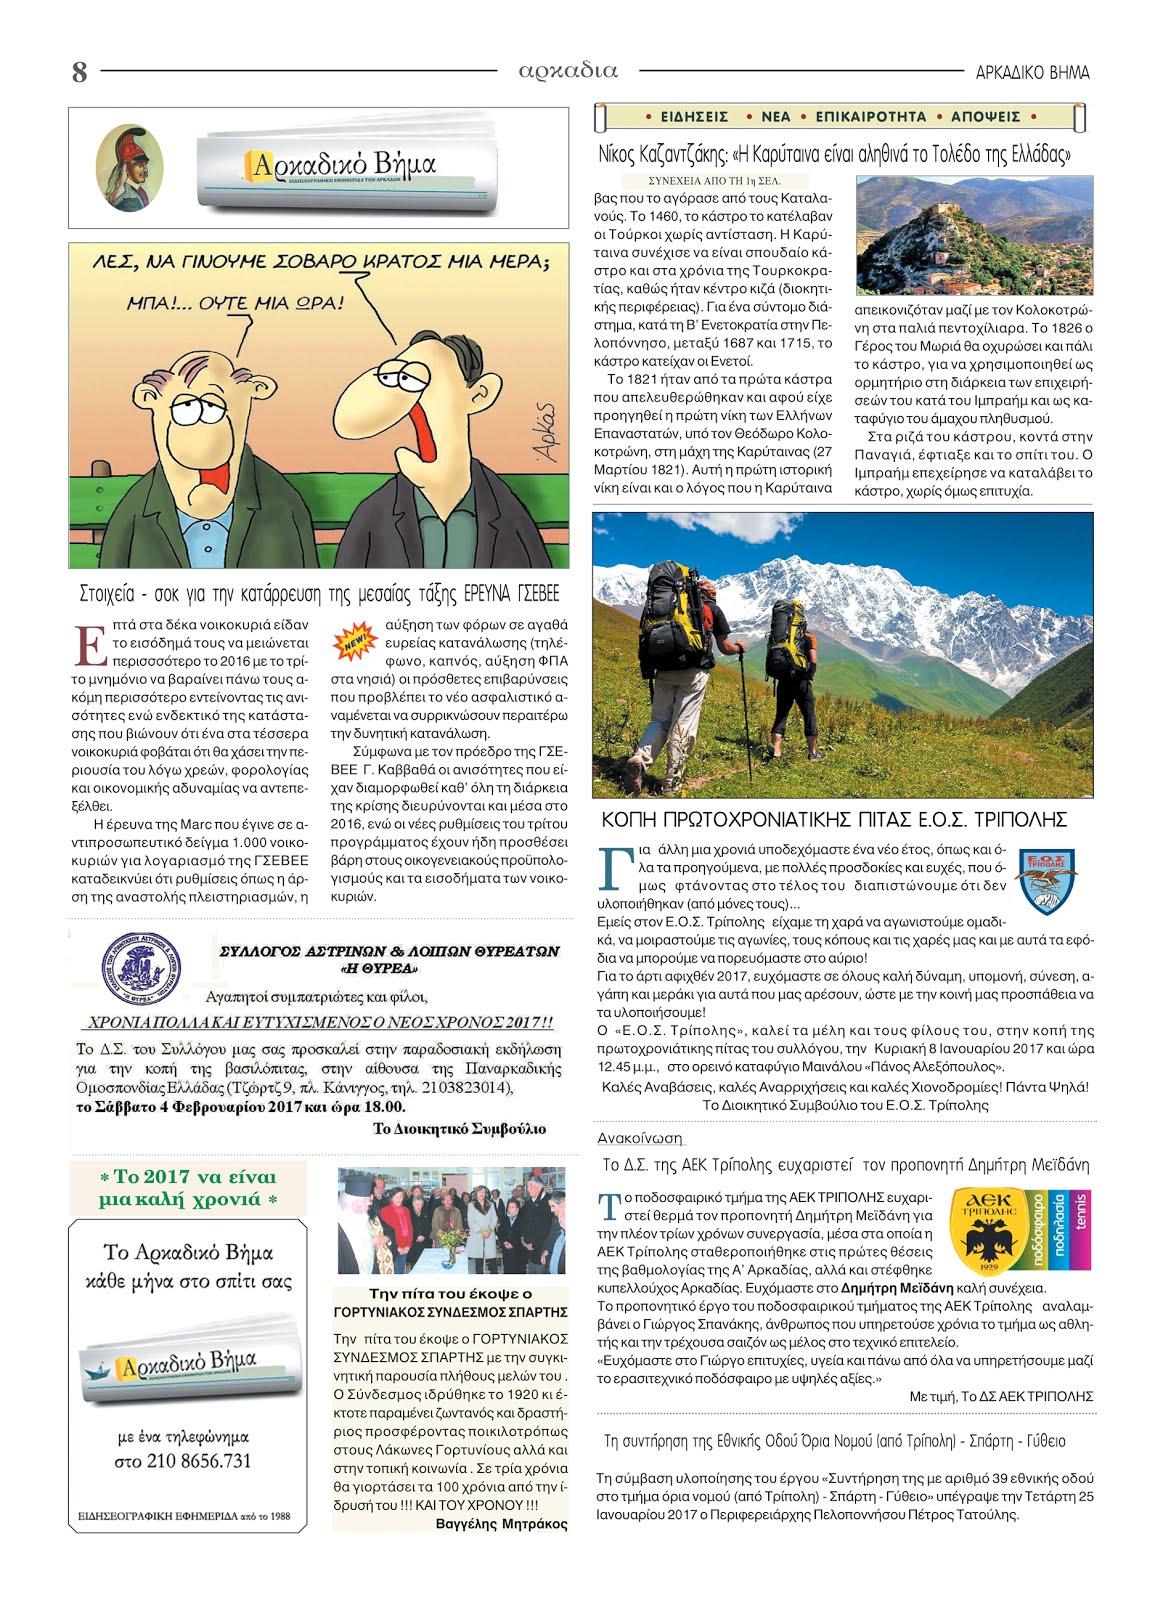 """Κυκλοφόρησε η εφημερίδα """"Αρκαδικό Βήμα"""" Ιανουάριος 2017"""